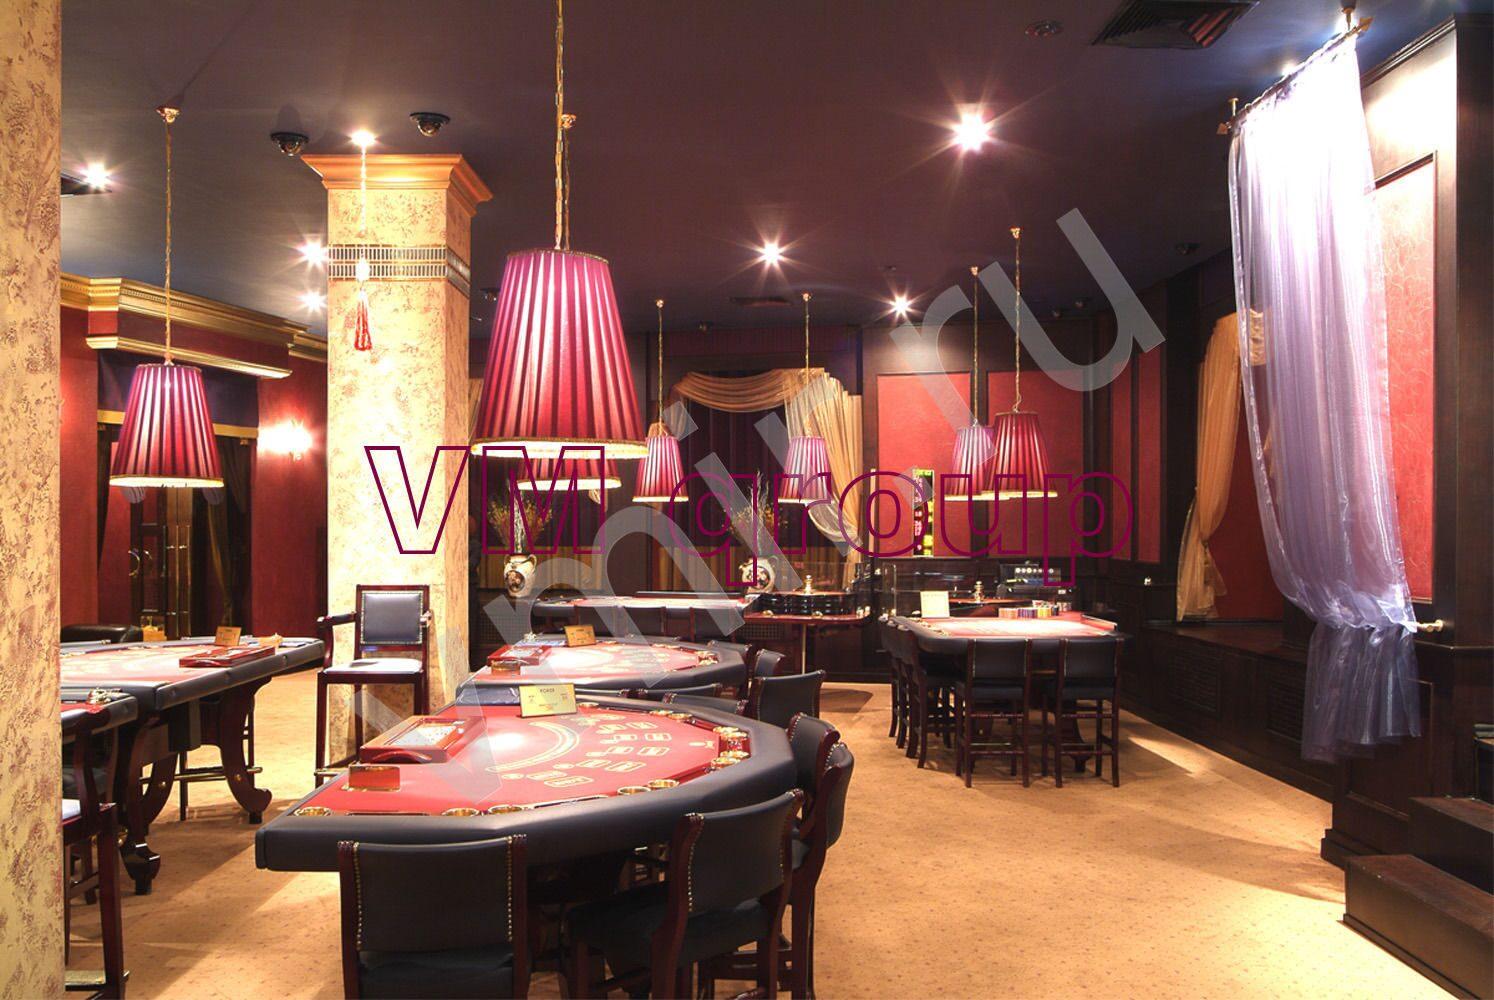 Дизайн холла фото клуб ресторан казино бесплатные игровые автоматы крези фрутс